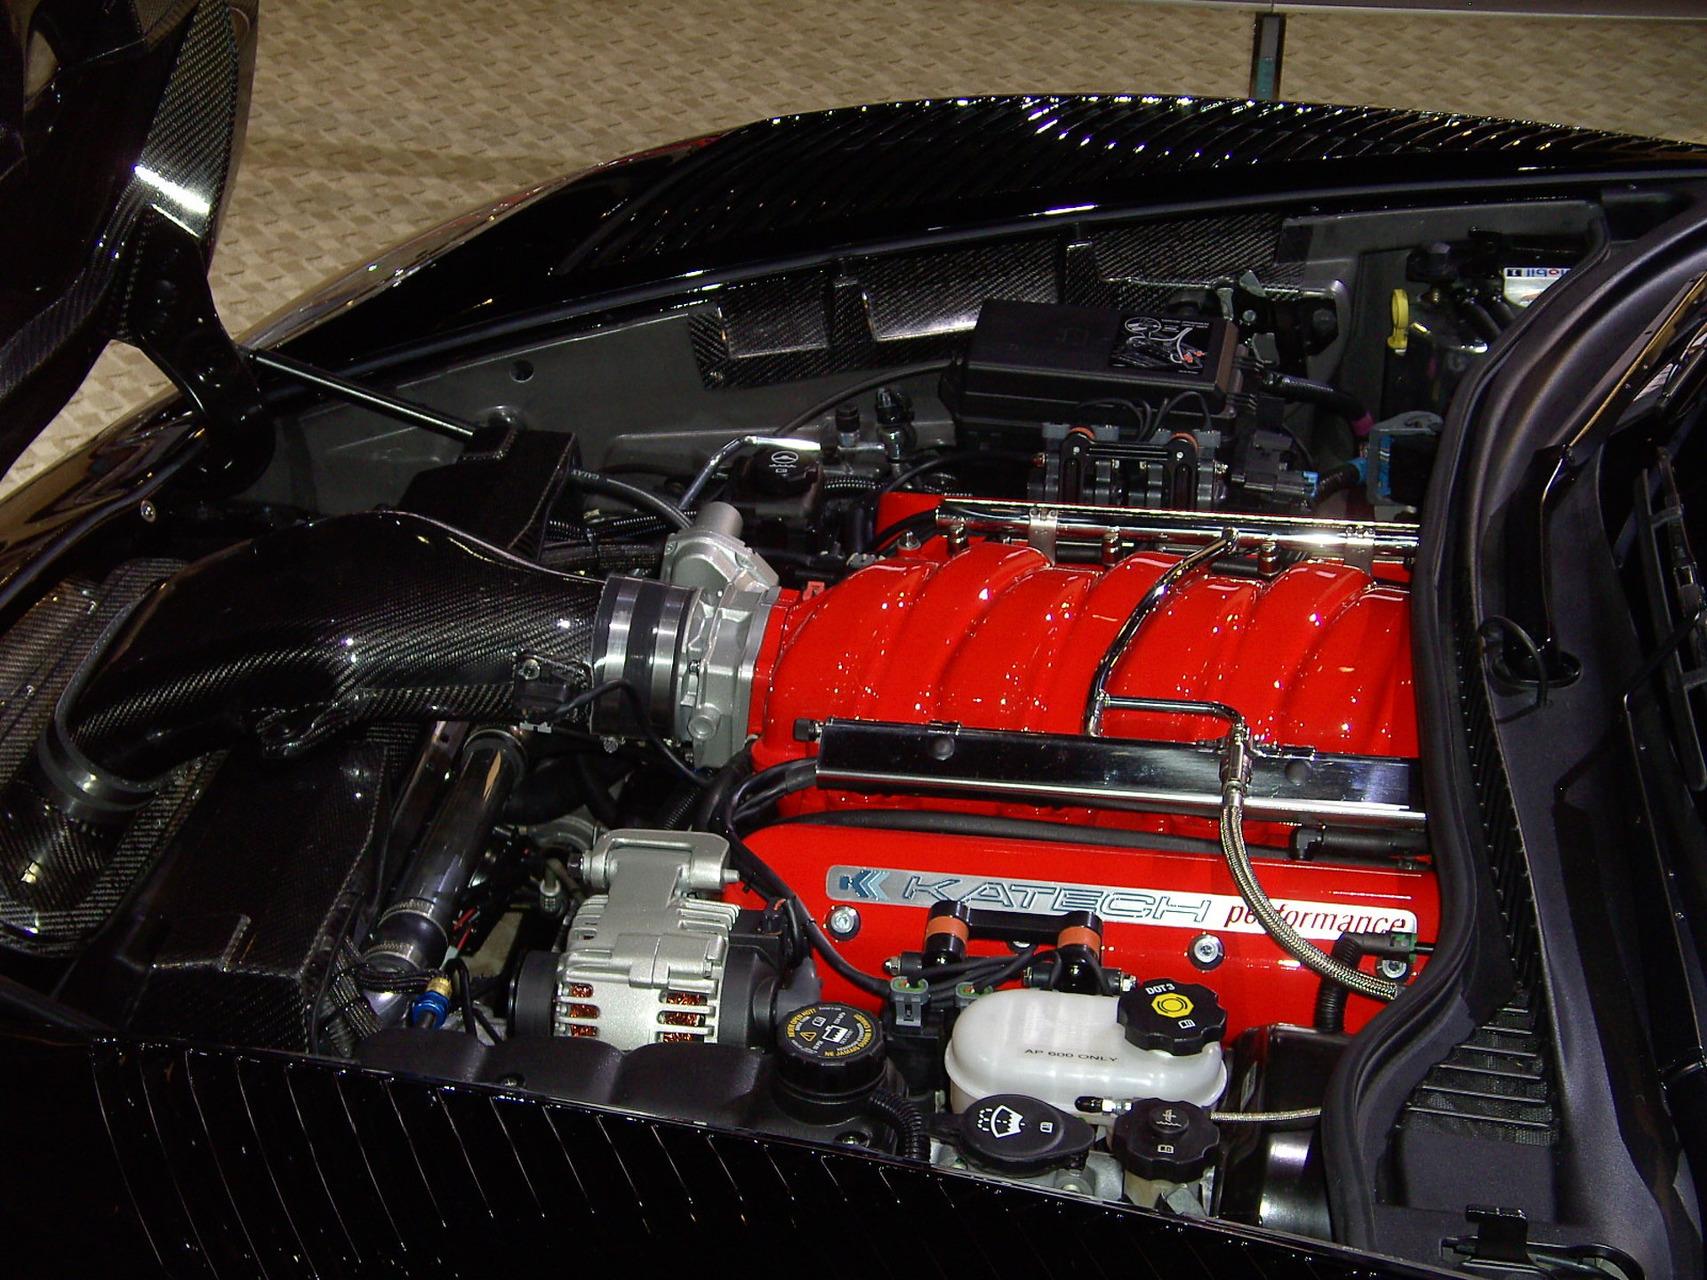 Chevrolet Jay Lenos Corvette C6RS E85